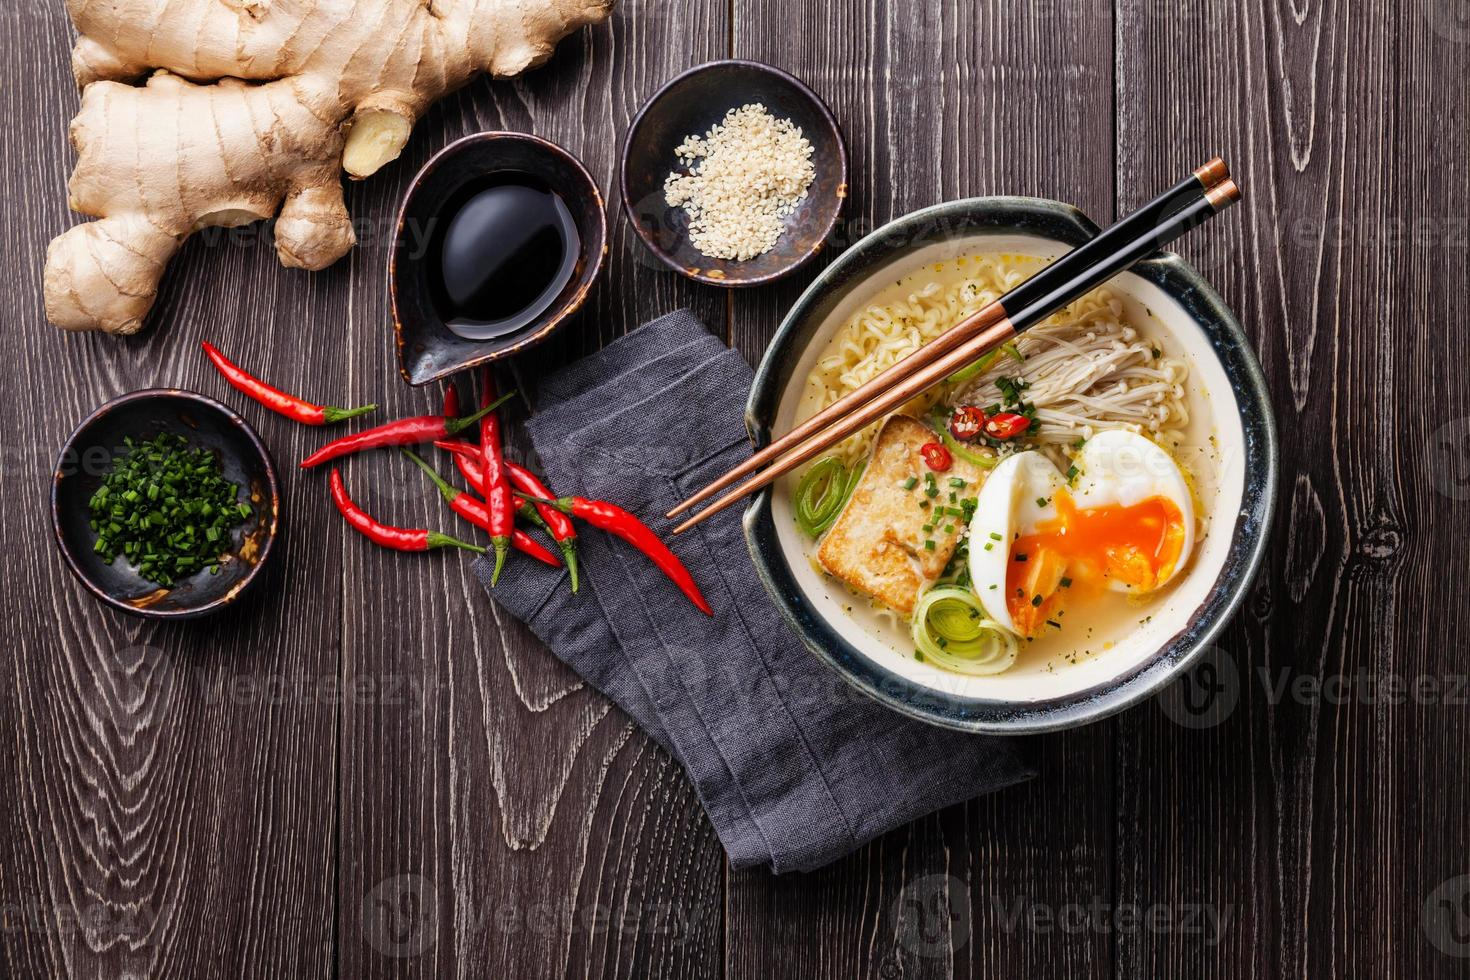 noodles di miso ramen asiatici con uovo, tofu ed enoki foto